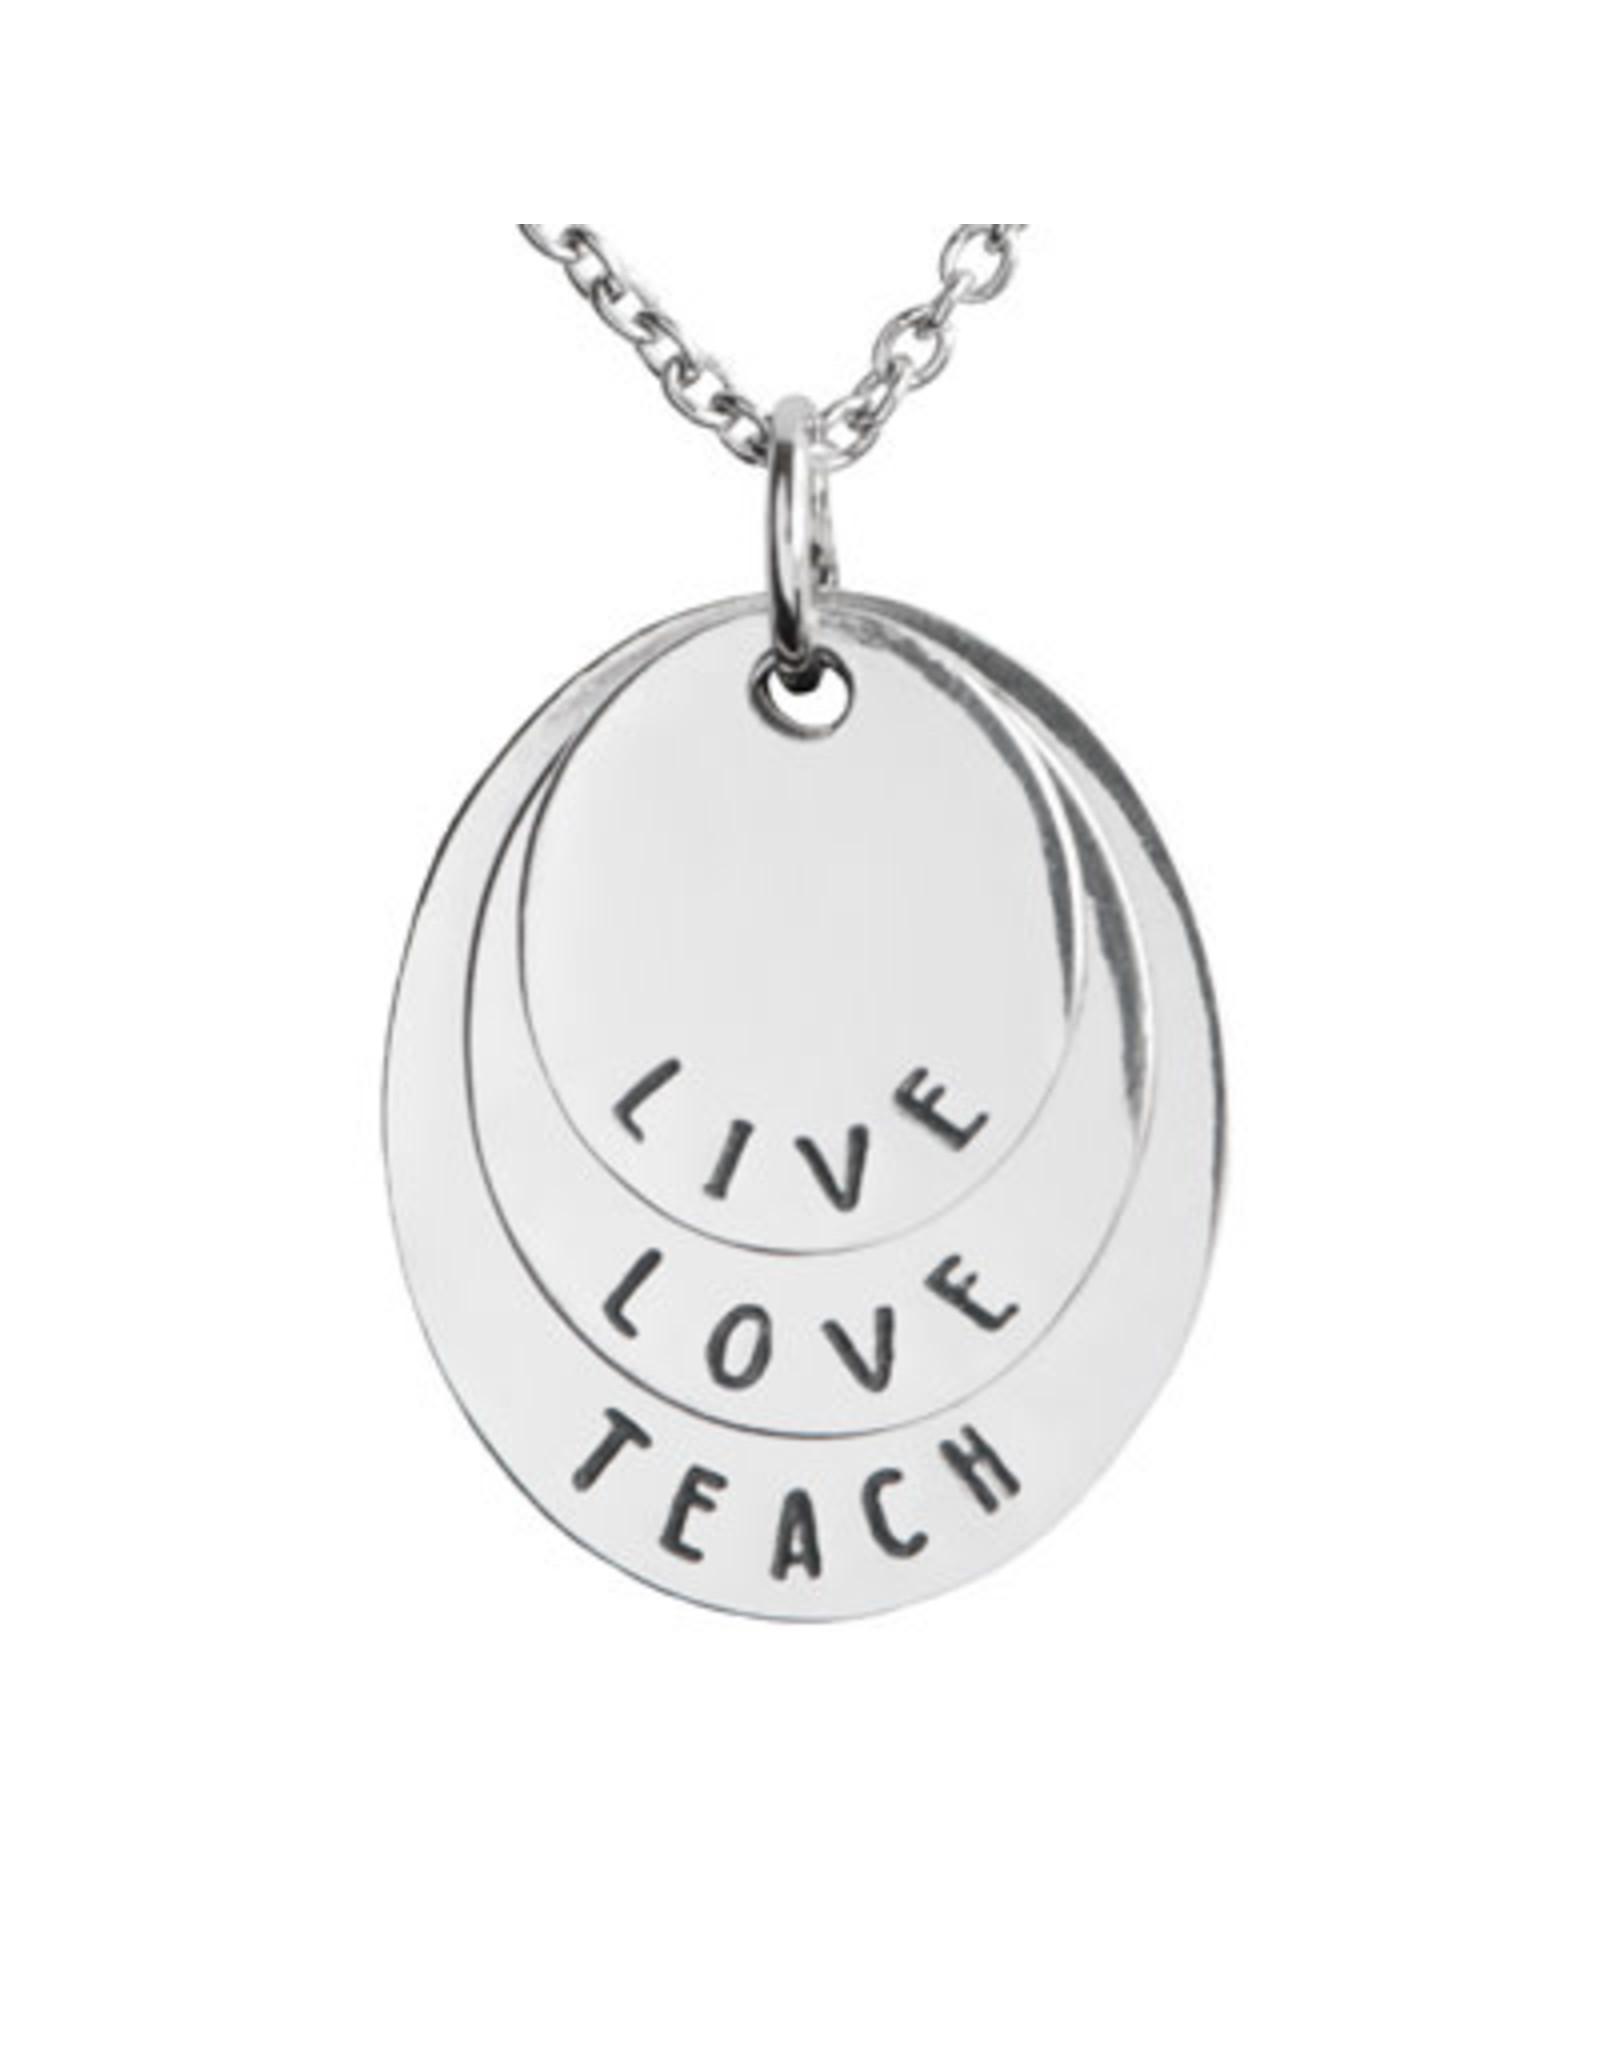 Pendant Necklace Live Love Teach 3 Disc, Thailand